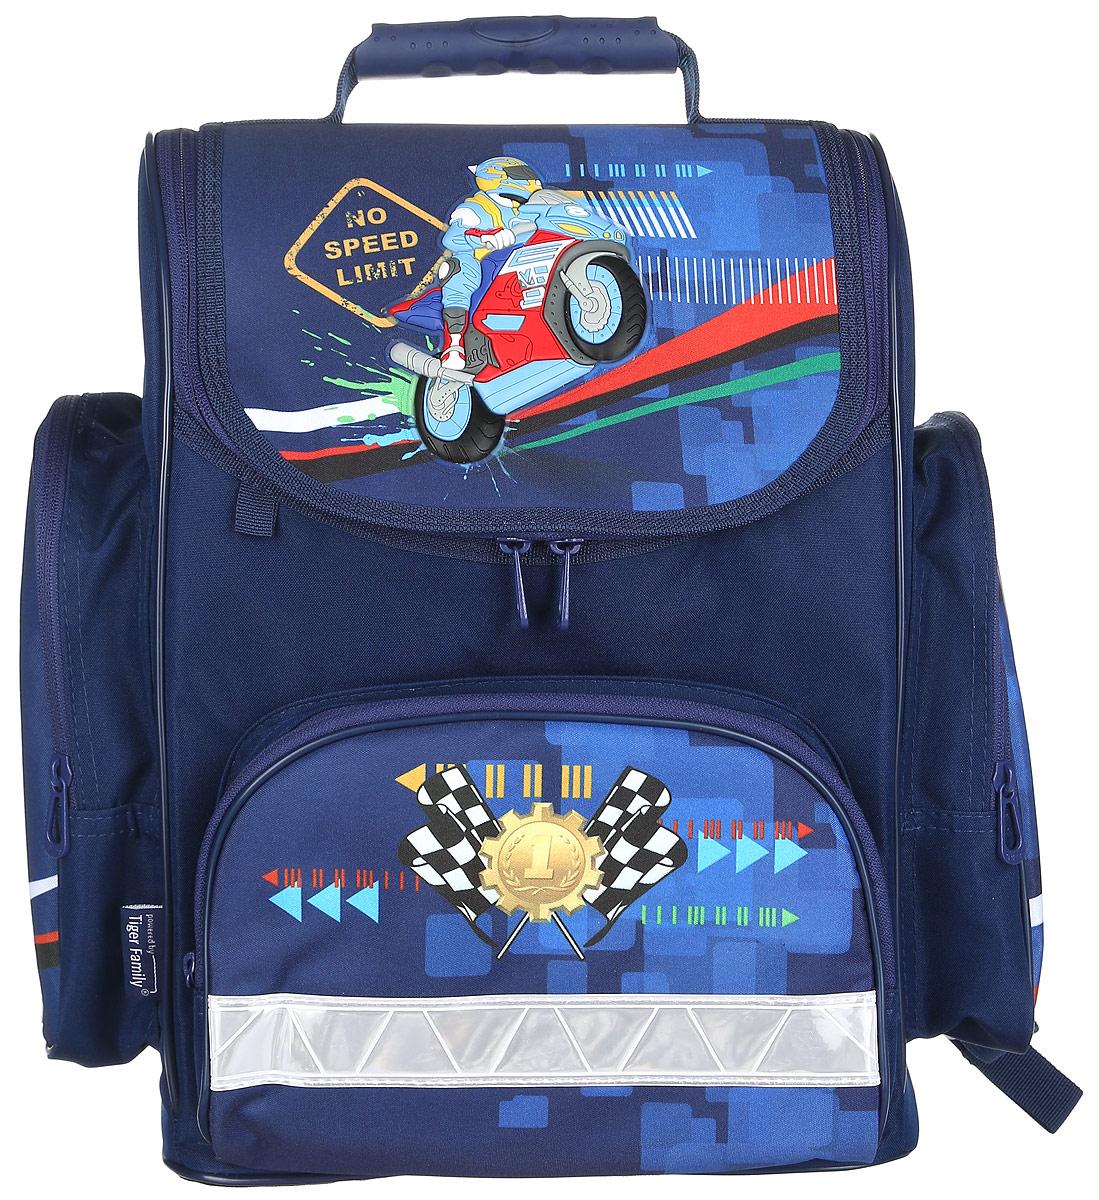 Tiger Enterprise Ранец школьный Motorbike21105/A/TGШкольный ранец Tiger Enterprise Motorbike идеально подойдет для школьников. Ранец выполнен из прочного и водонепроницаемого материала. Изделие оформлено изображением в виде мотоциклиста. Содержит одно вместительное отделение, закрывающееся клапаном на застежку-молнию с двумя бегунками. Внутри отделения имеется мягкая перегородка для тетрадей или учебников. Клапан полностью откидывается, что существенно облегчает пользование ранцем. На внутренней части клапана находится прозрачный пластиковый кармашек, в который можно поместить данные о владельце ранца. Изделие имеет два боковых накладных кармана на молнии, которые отлично подойдут для бутылки с водой. Лицевая сторона ранца оснащена накладным карманом на застежке-молнии. Спинка ранца достаточно твердая. В нижней части спины расположен поясничный упор - небольшой валик, на который при правильном ношении ранца будет приходиться основная нагрузка. Ранец оснащен ручкой с пластиковой насадкой для удобной...